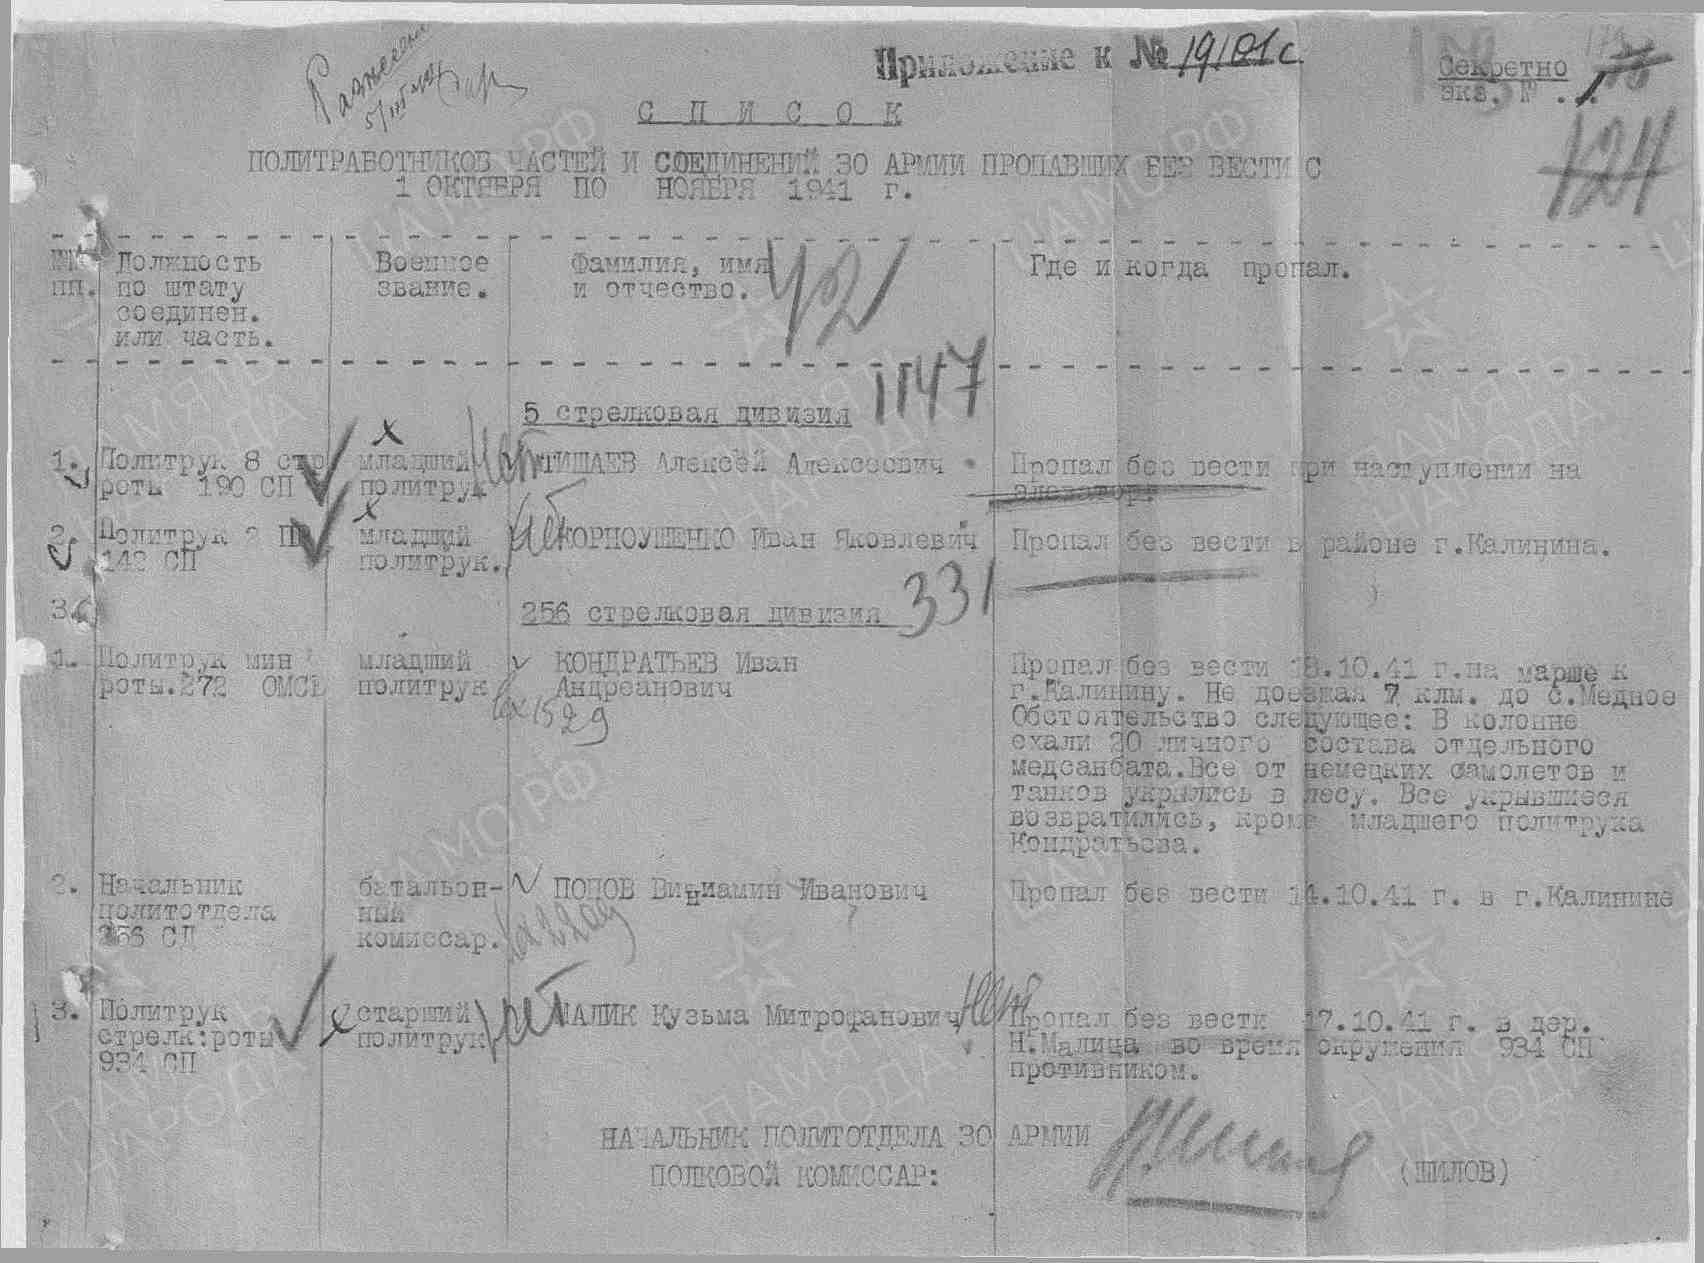 Полный официальный список захороненных в Медном Imagelink?path=c2af5dc3-d441-4204-a109-26da38bfb3c9